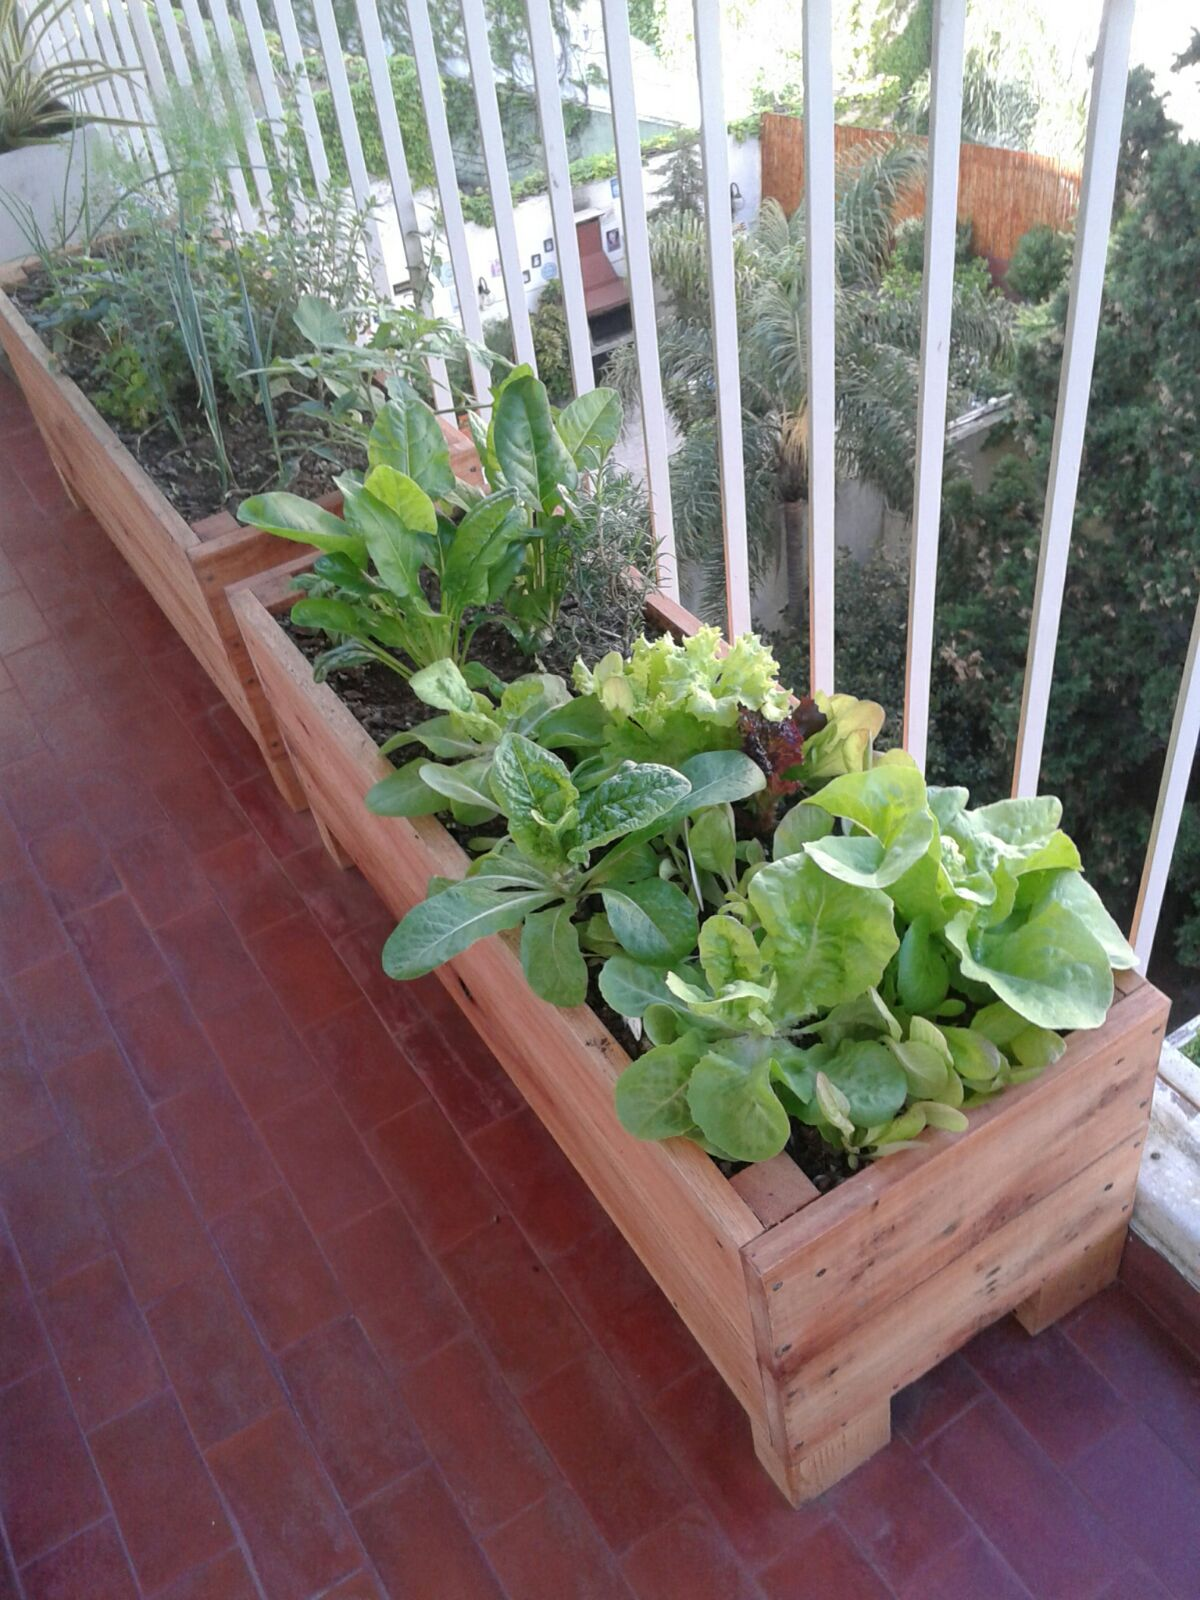 Huerta en el balcón con cajones de madera